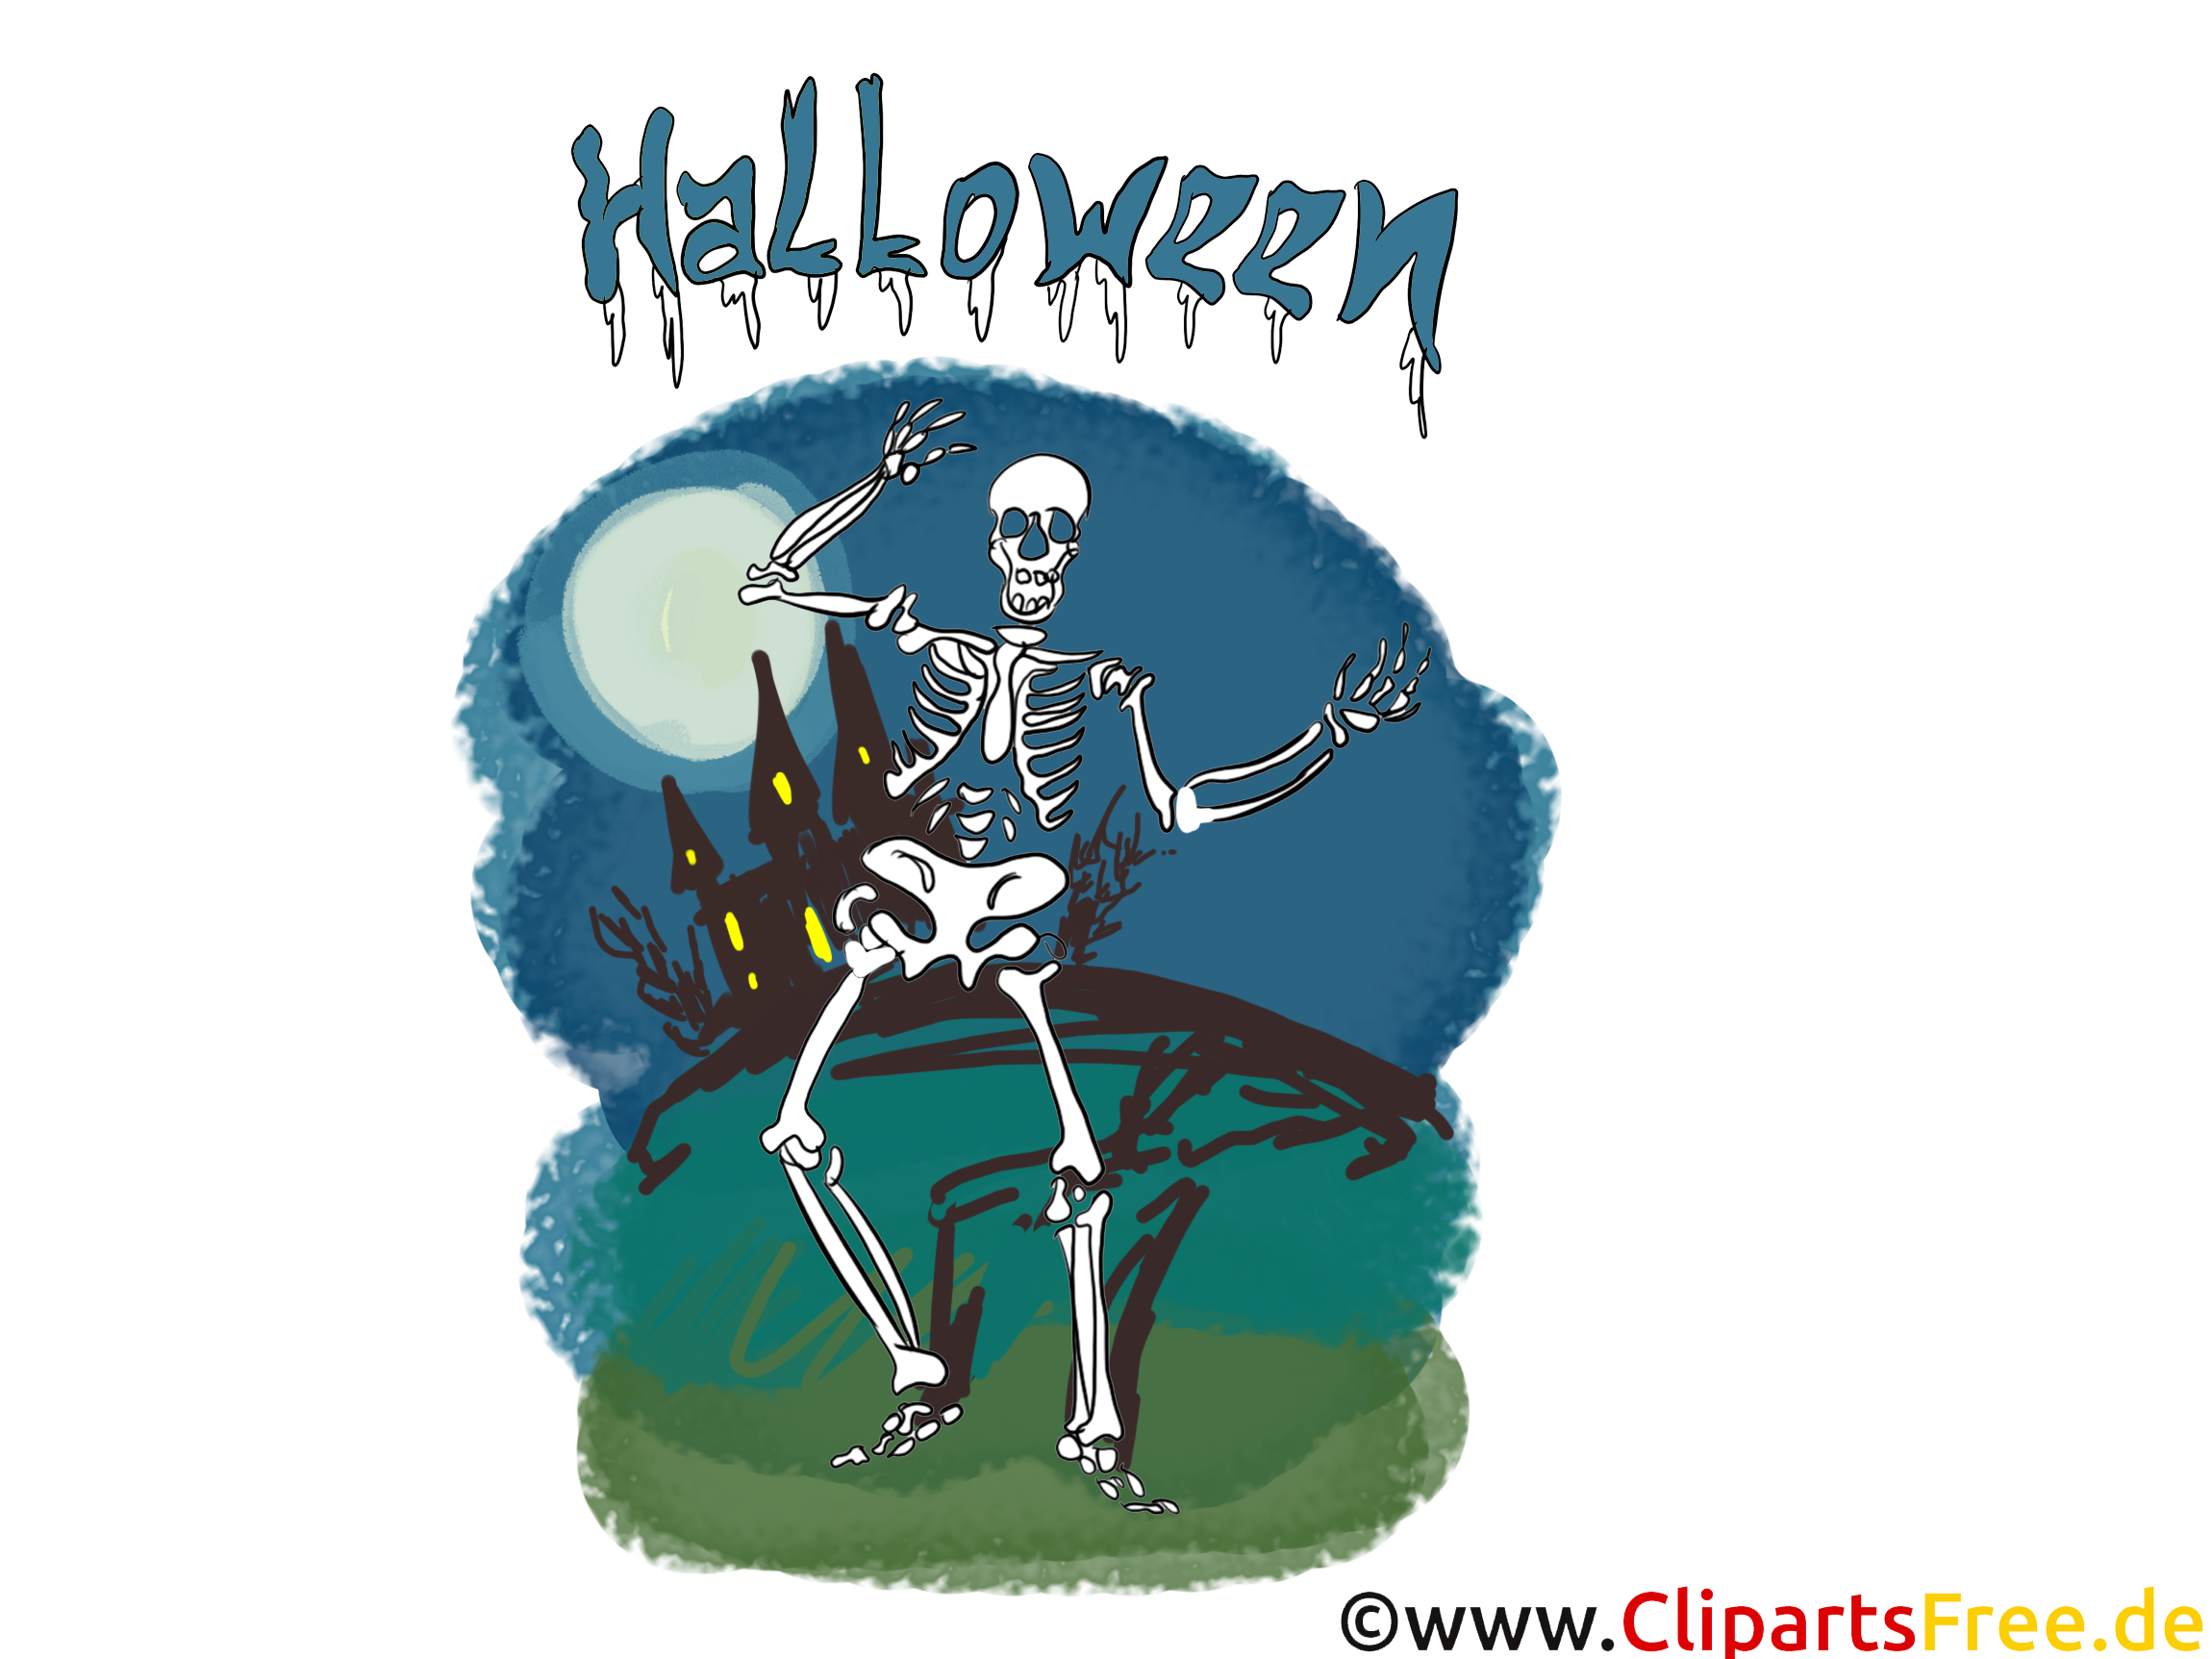 Squelette halloween image à télécharger gratuite